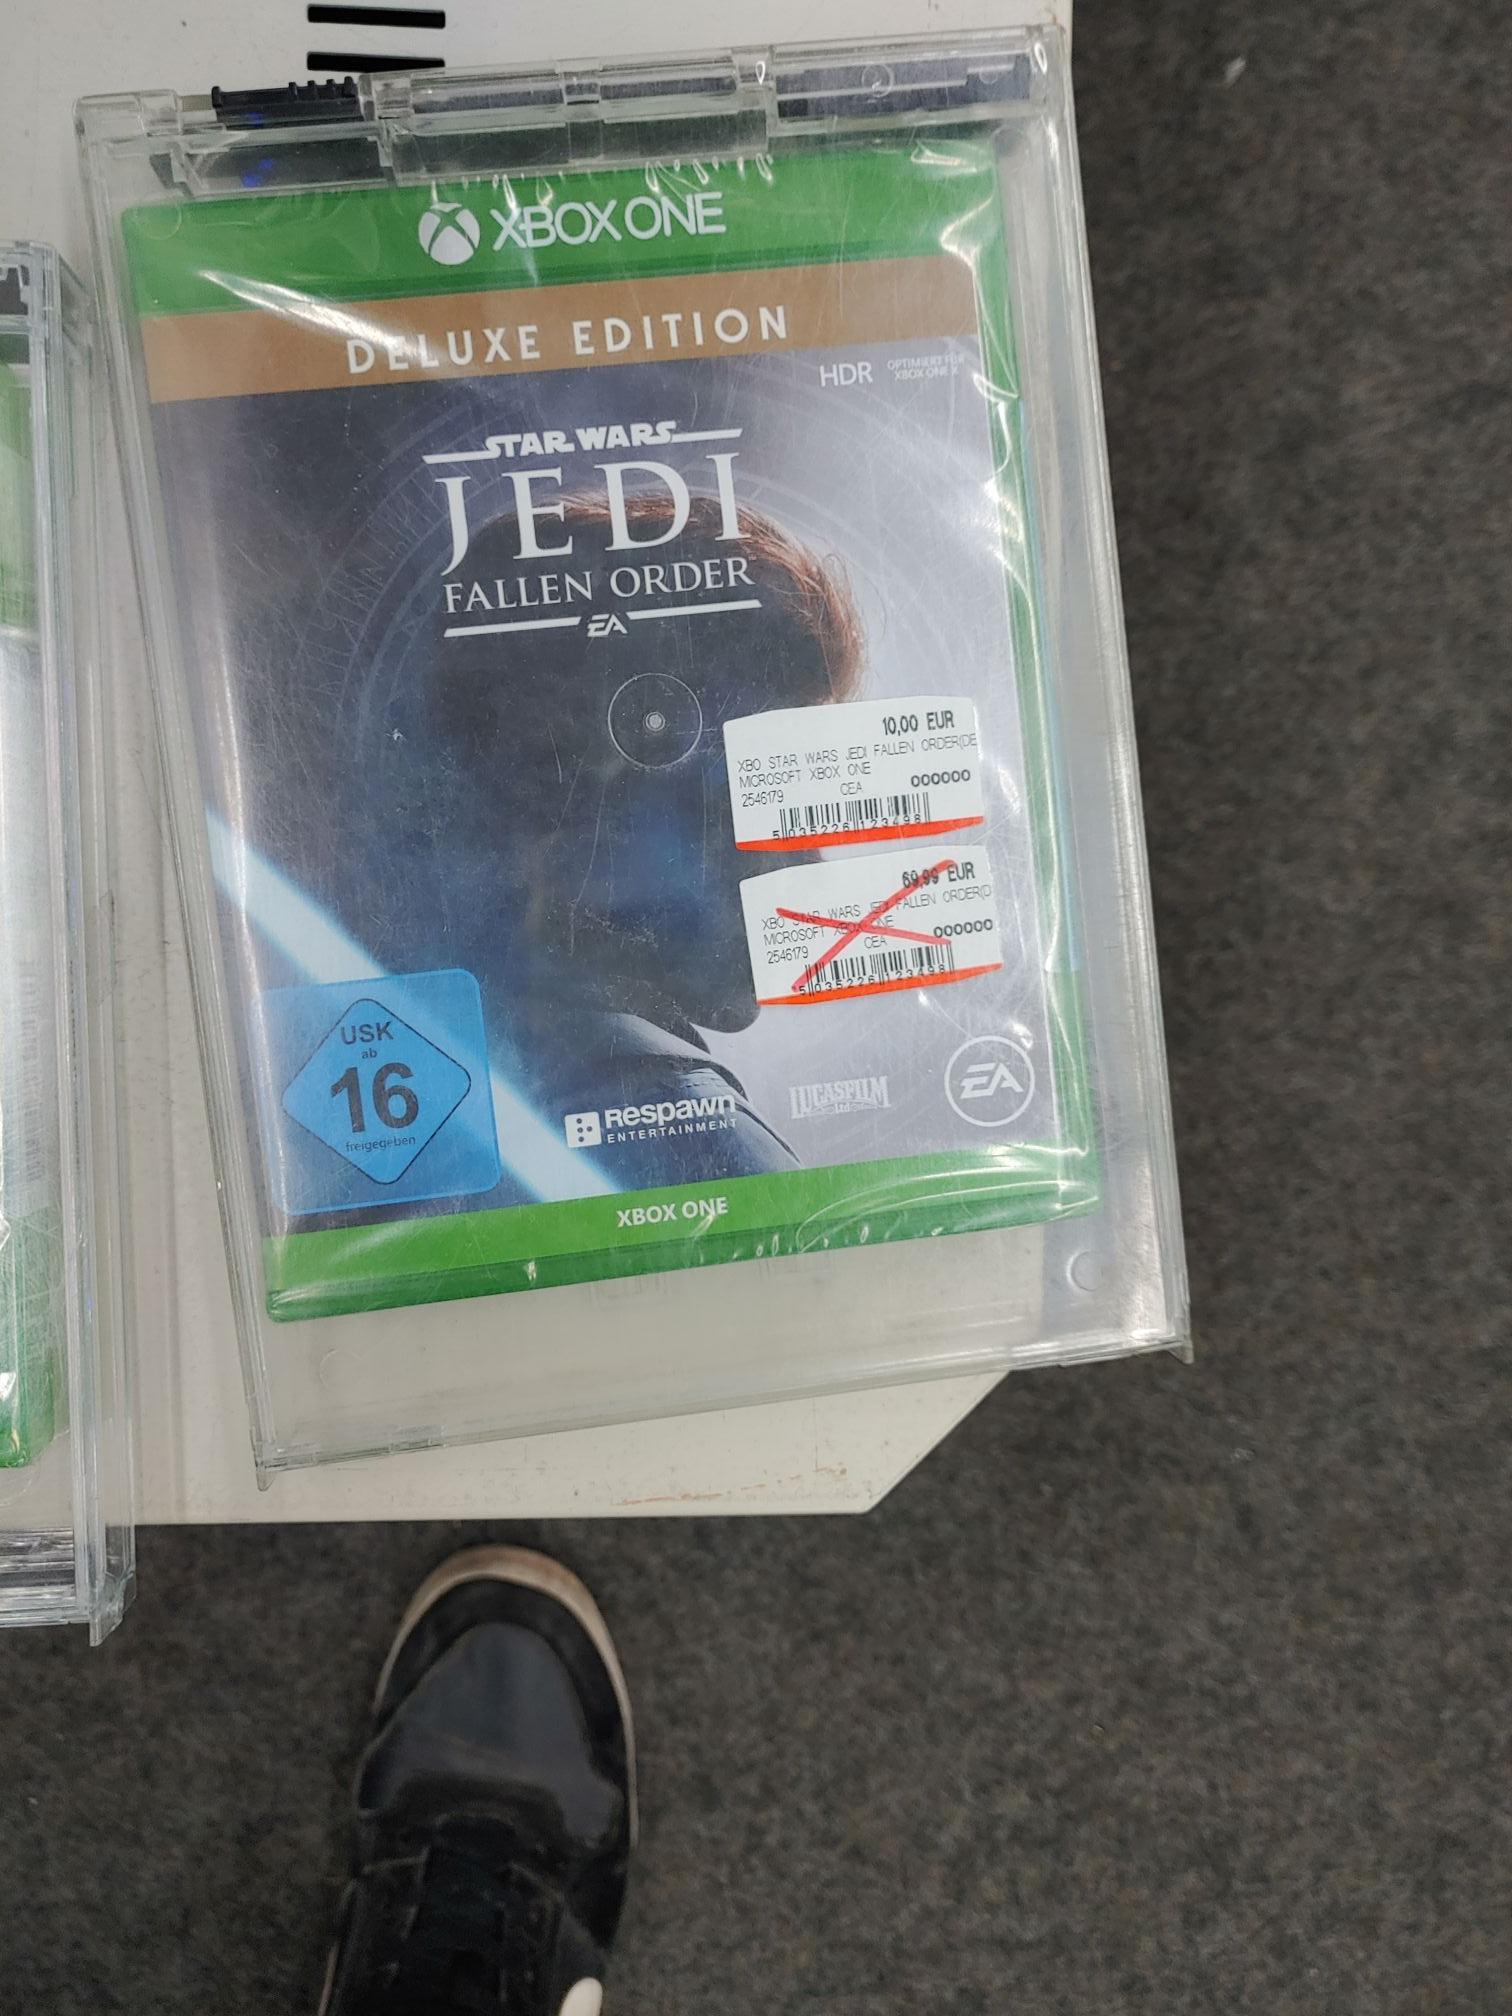 Media Markt Saarlouis Xbox One / Series Star Wars Jedi Fallen Order Deluxe Edition